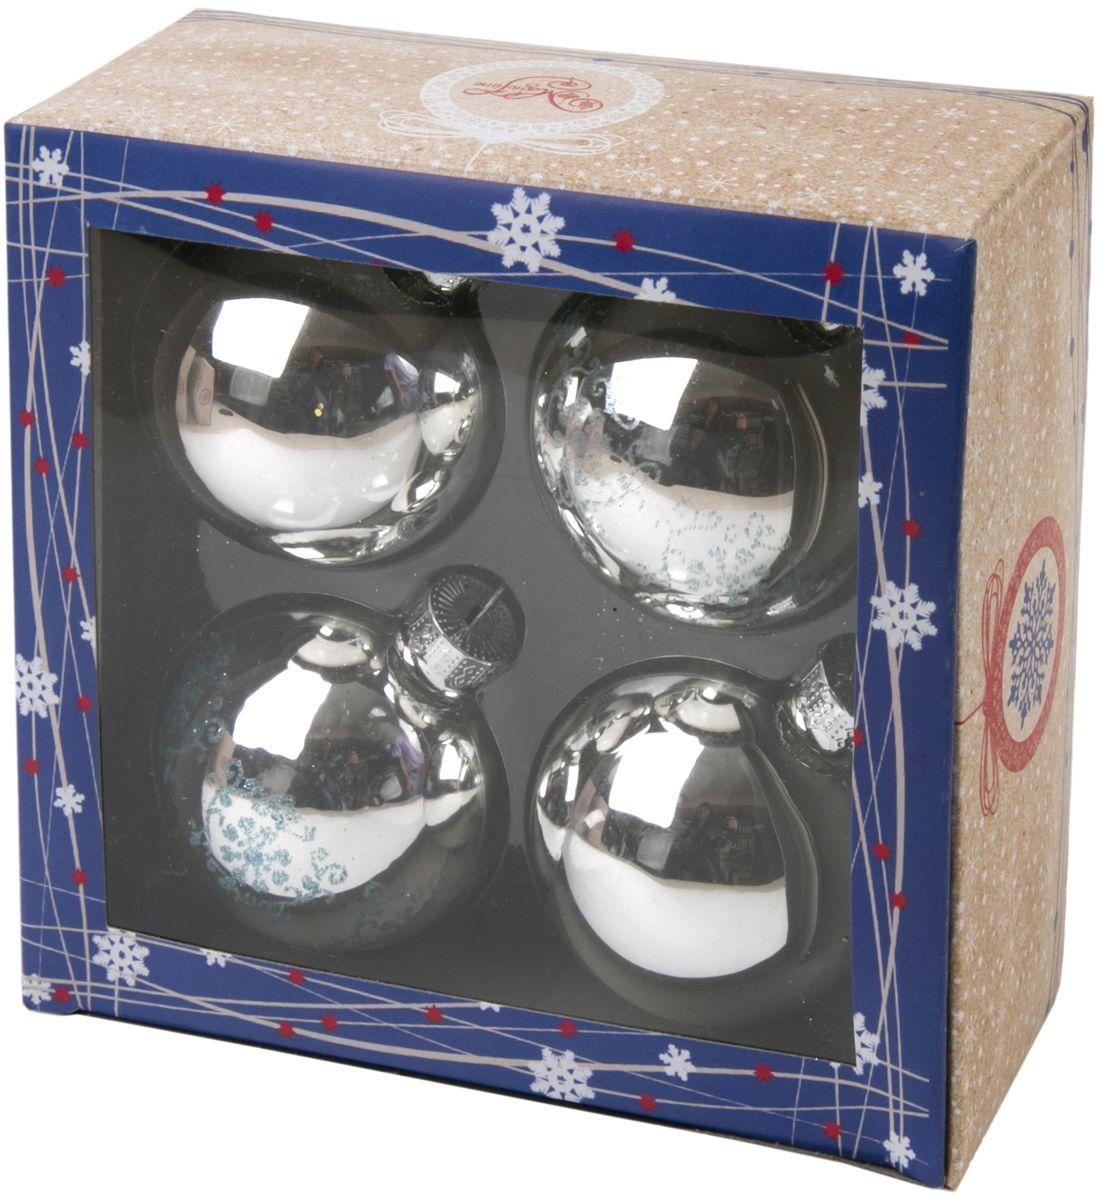 Новогоднее подвесное украшение Magic Time Шар, диаметр 6 см, 4 шт76696Новогоднее украшение Magic Time, выполненное из стекла, отлично подойдет для декорации вашего дома и новогодней ели. С помощью специальной петельки украшение можно повесить в любом понравившемся вам месте. Но, конечно, удачнее всего оно будет смотреться на праздничной елке.Елочная игрушка - символ Нового года. Она несет в себе волшебство и красоту праздника. Такое украшение создаст в вашем доме атмосферу праздника, веселья и радости.В наборе 4 подвесных украшения.